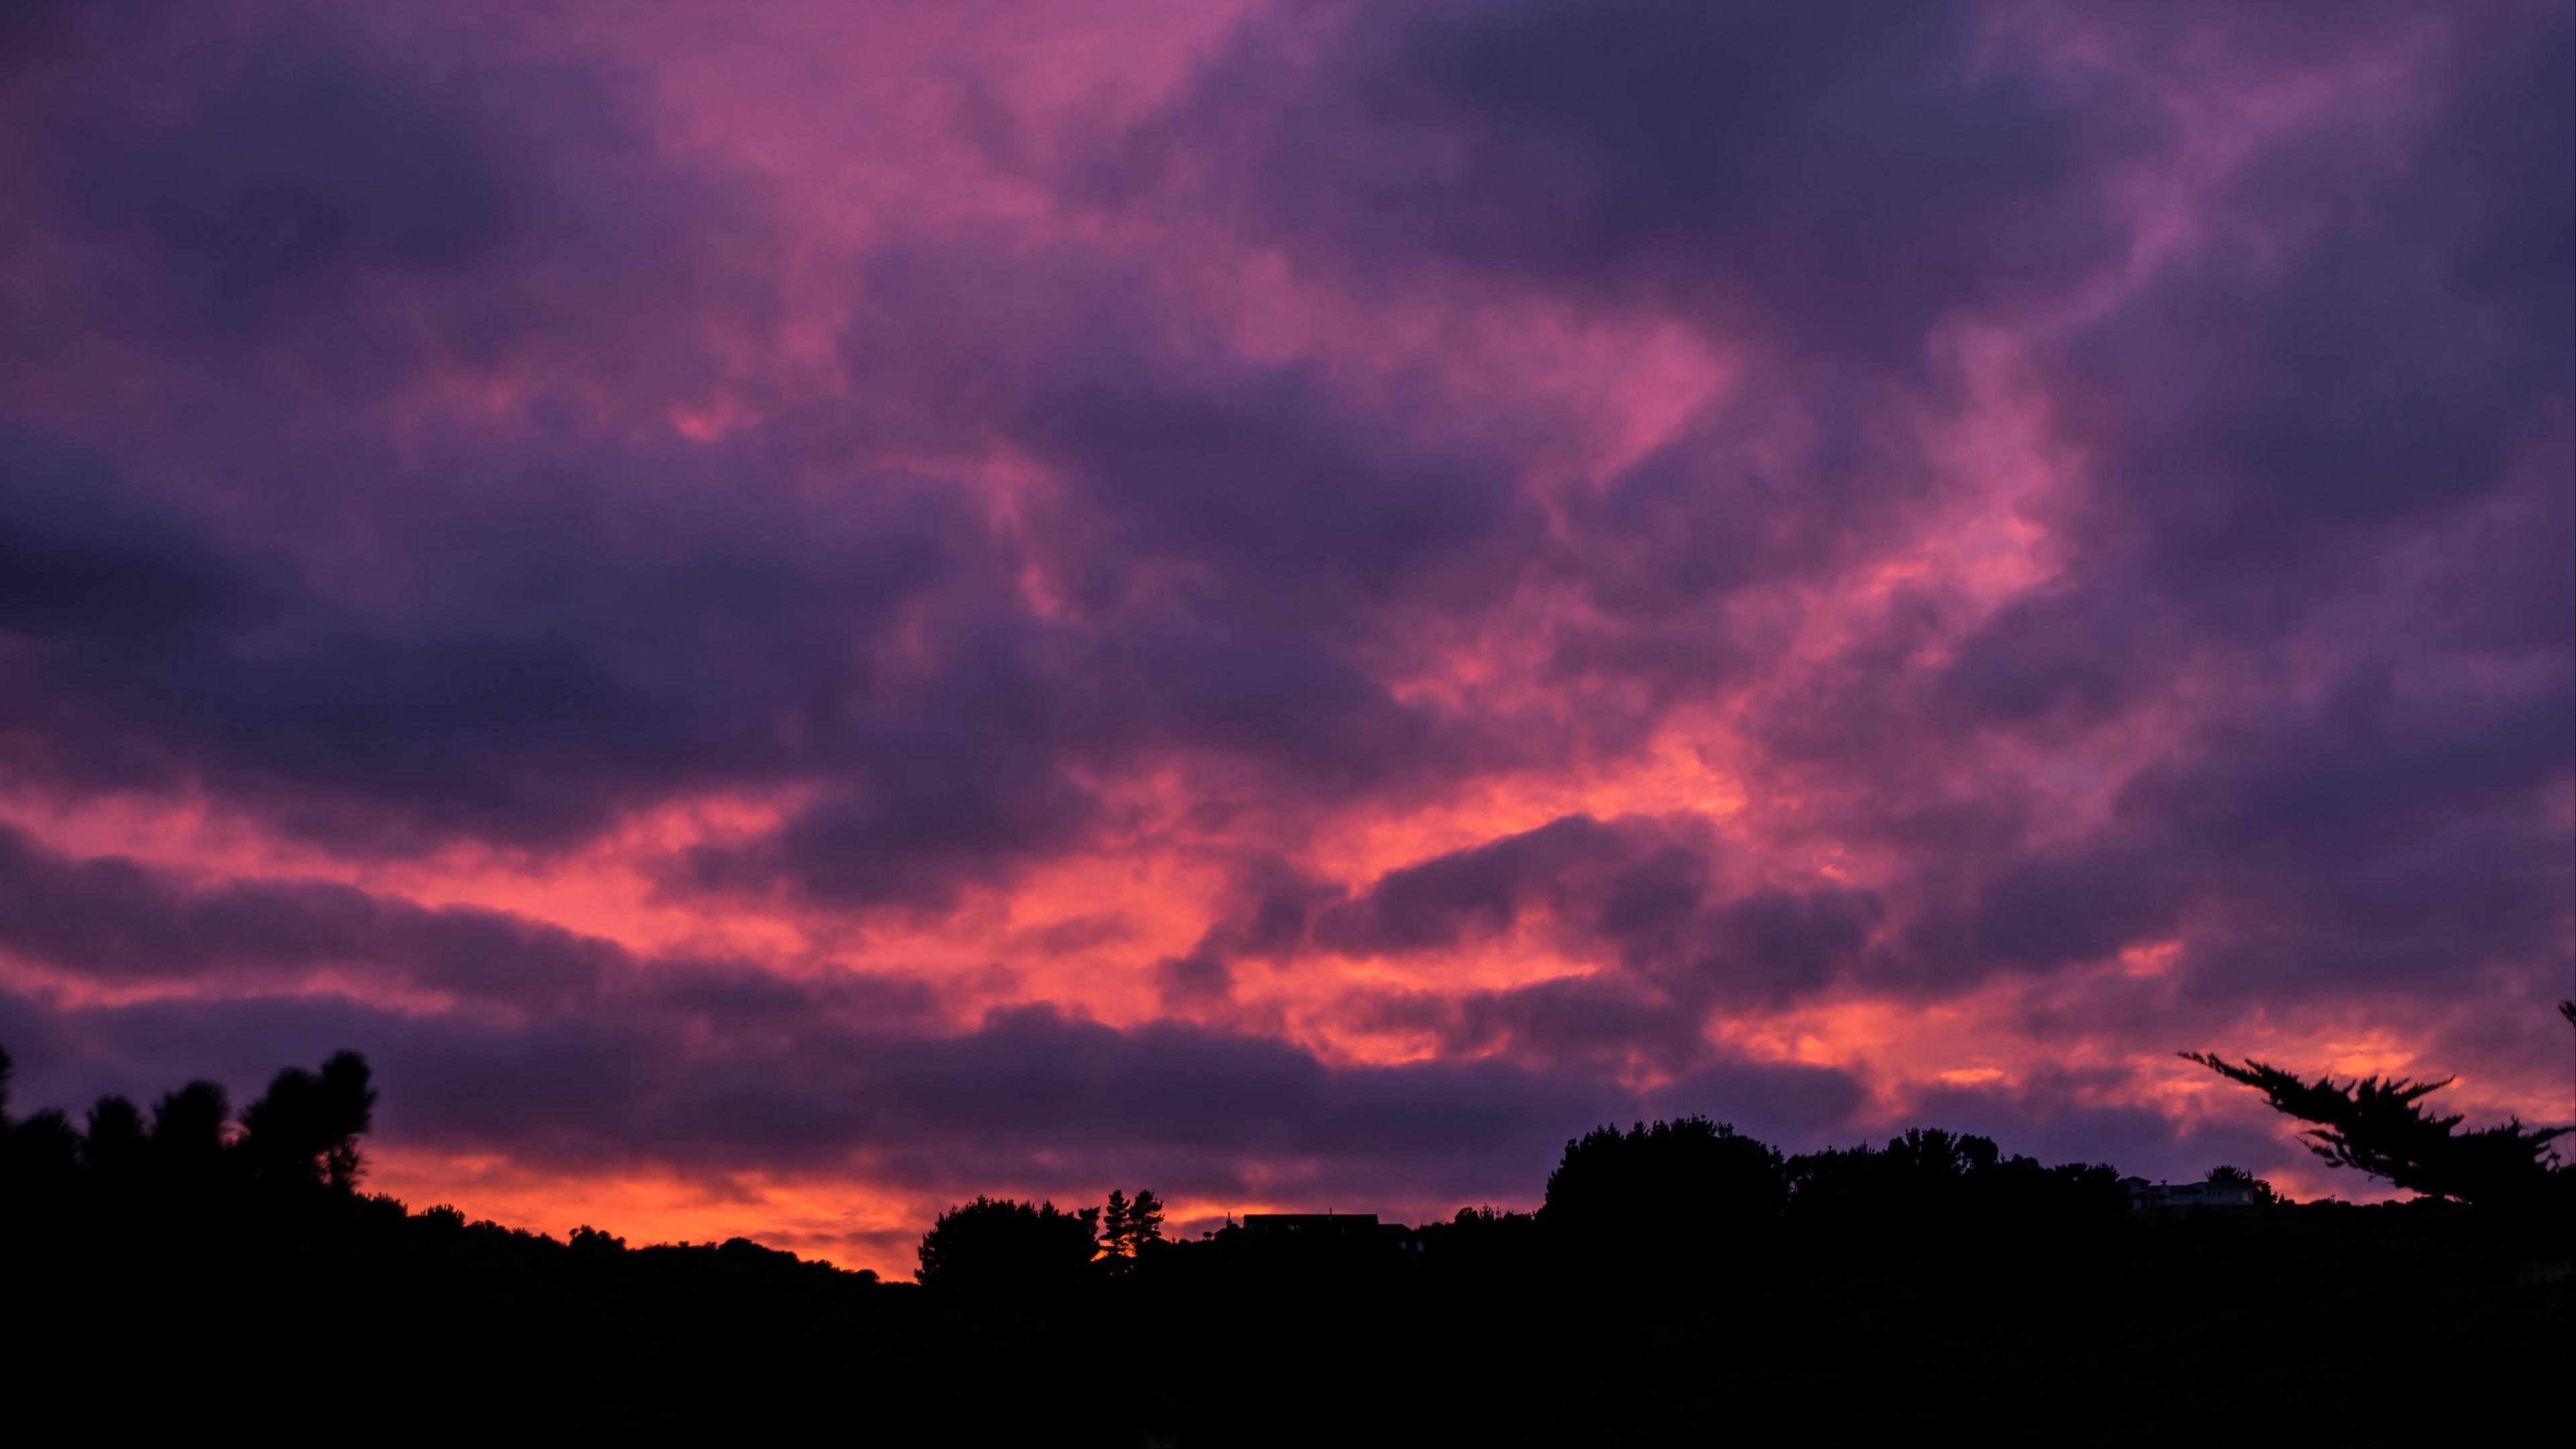 clouds sunset porous sky horizon 4k 1540576356 - clouds, sunset, porous, sky, horizon 4k - sunset, porous, Clouds